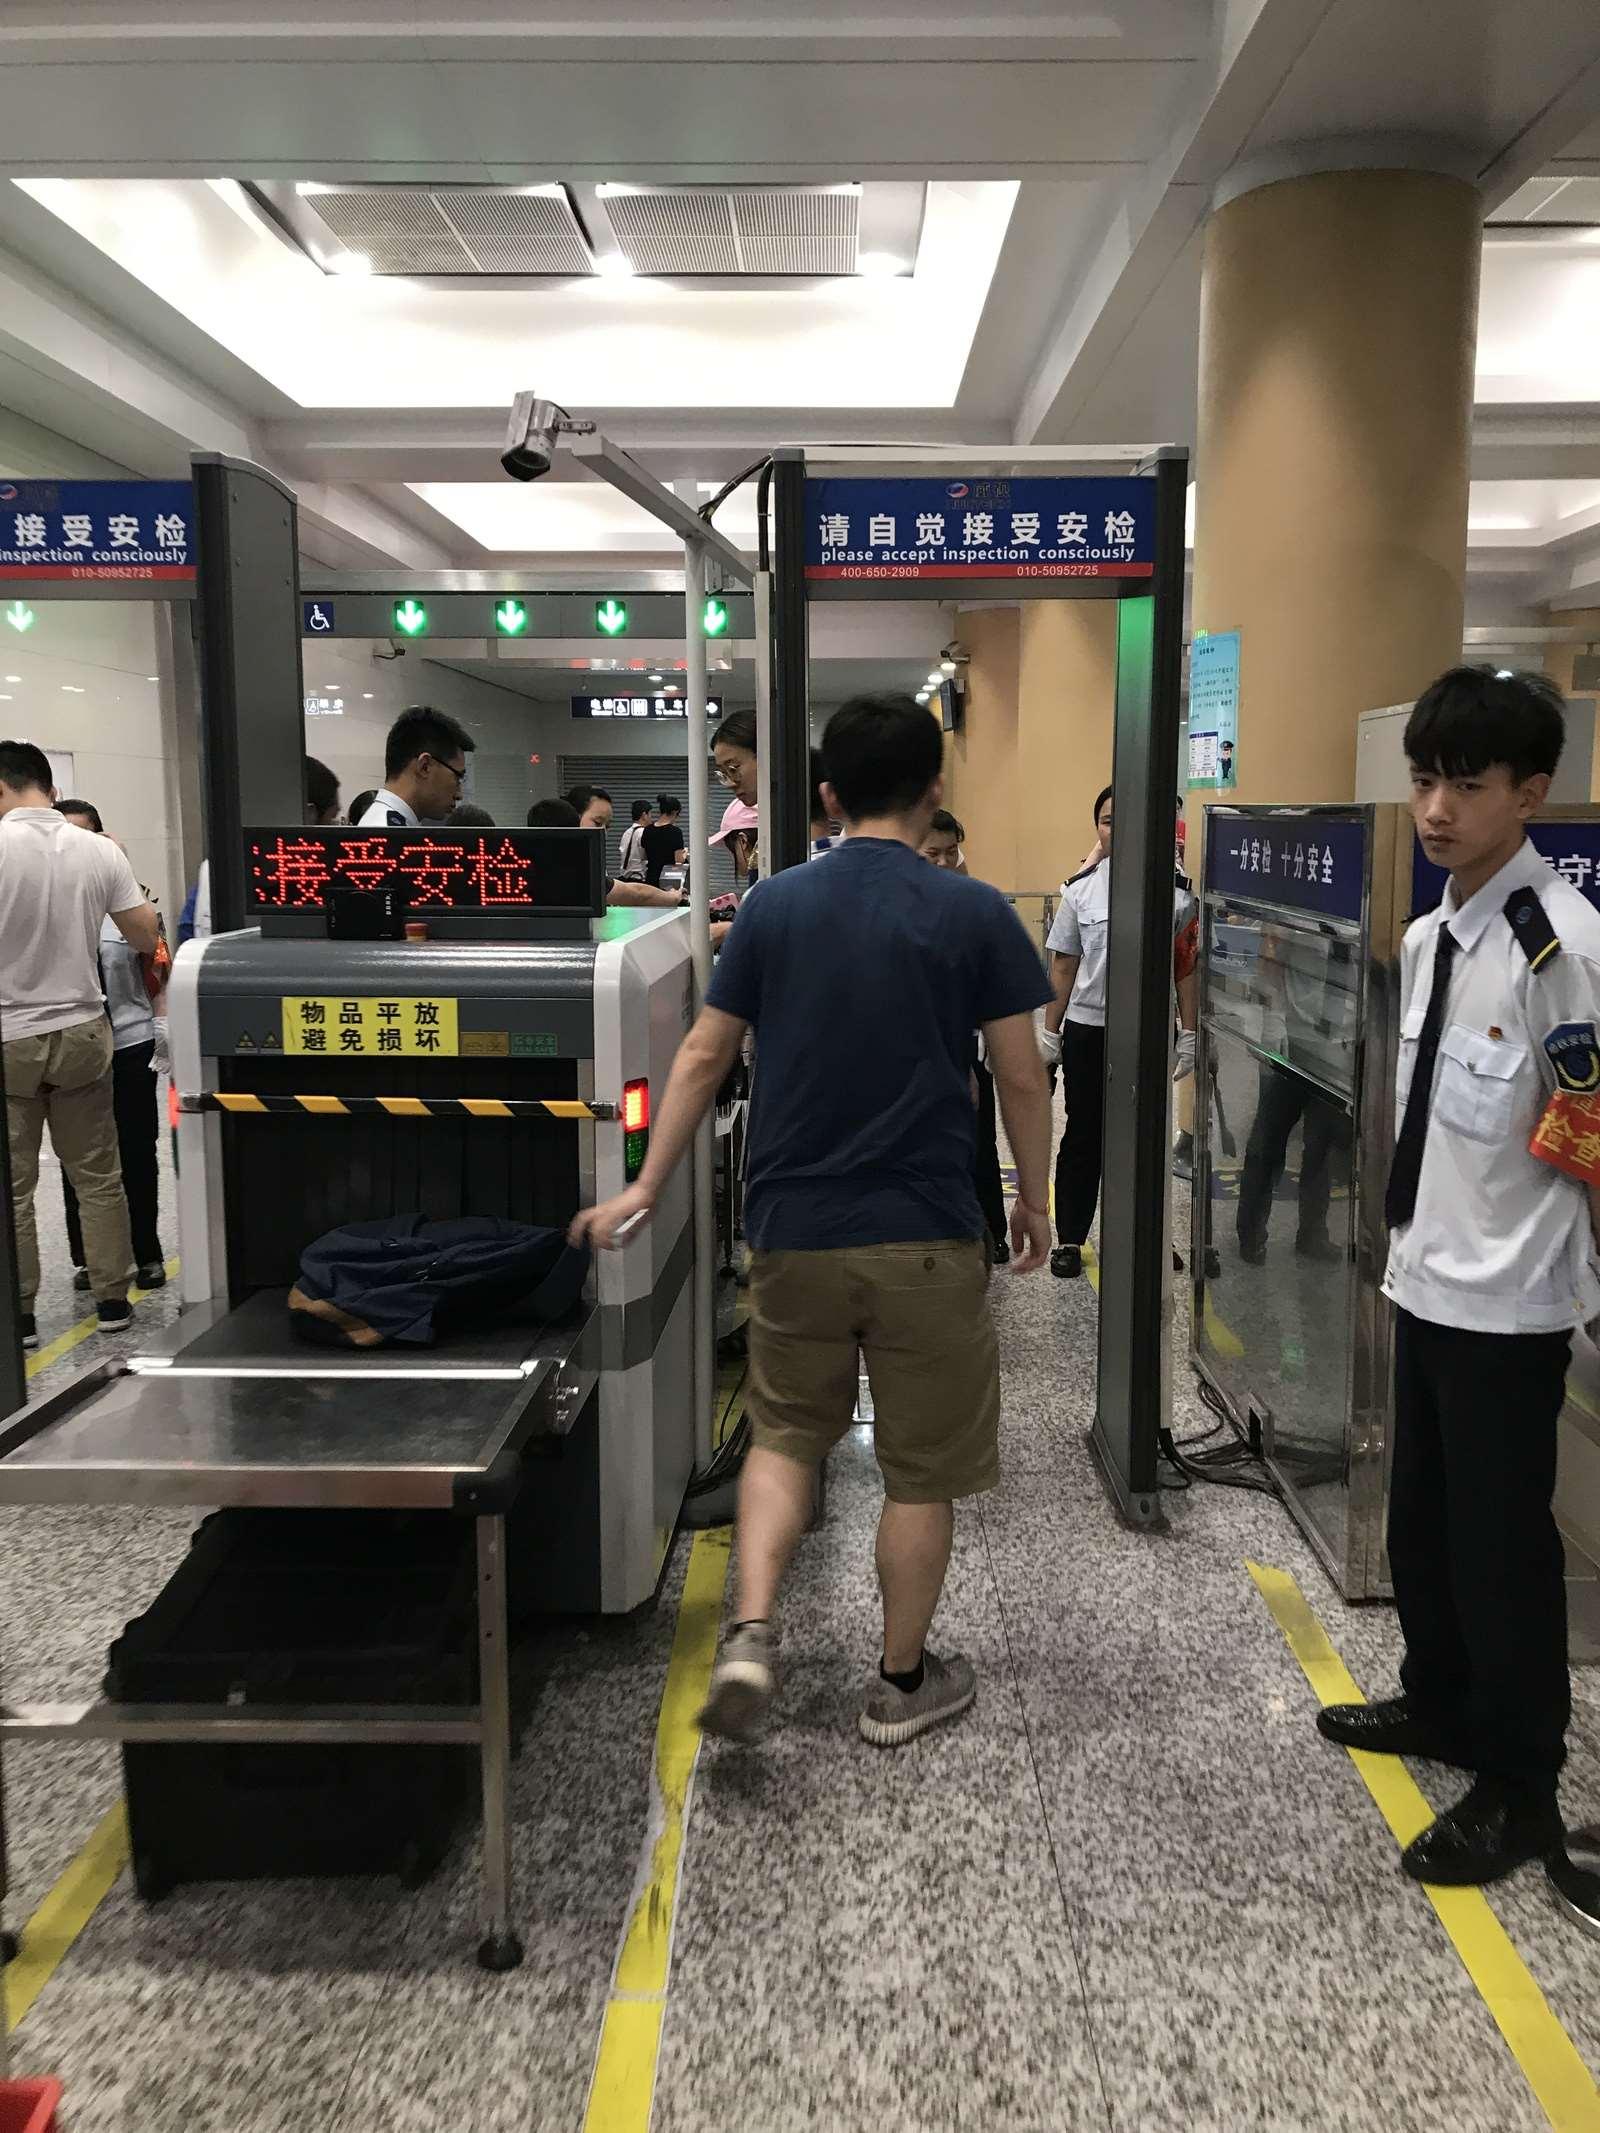 Безопасность метро Пекина